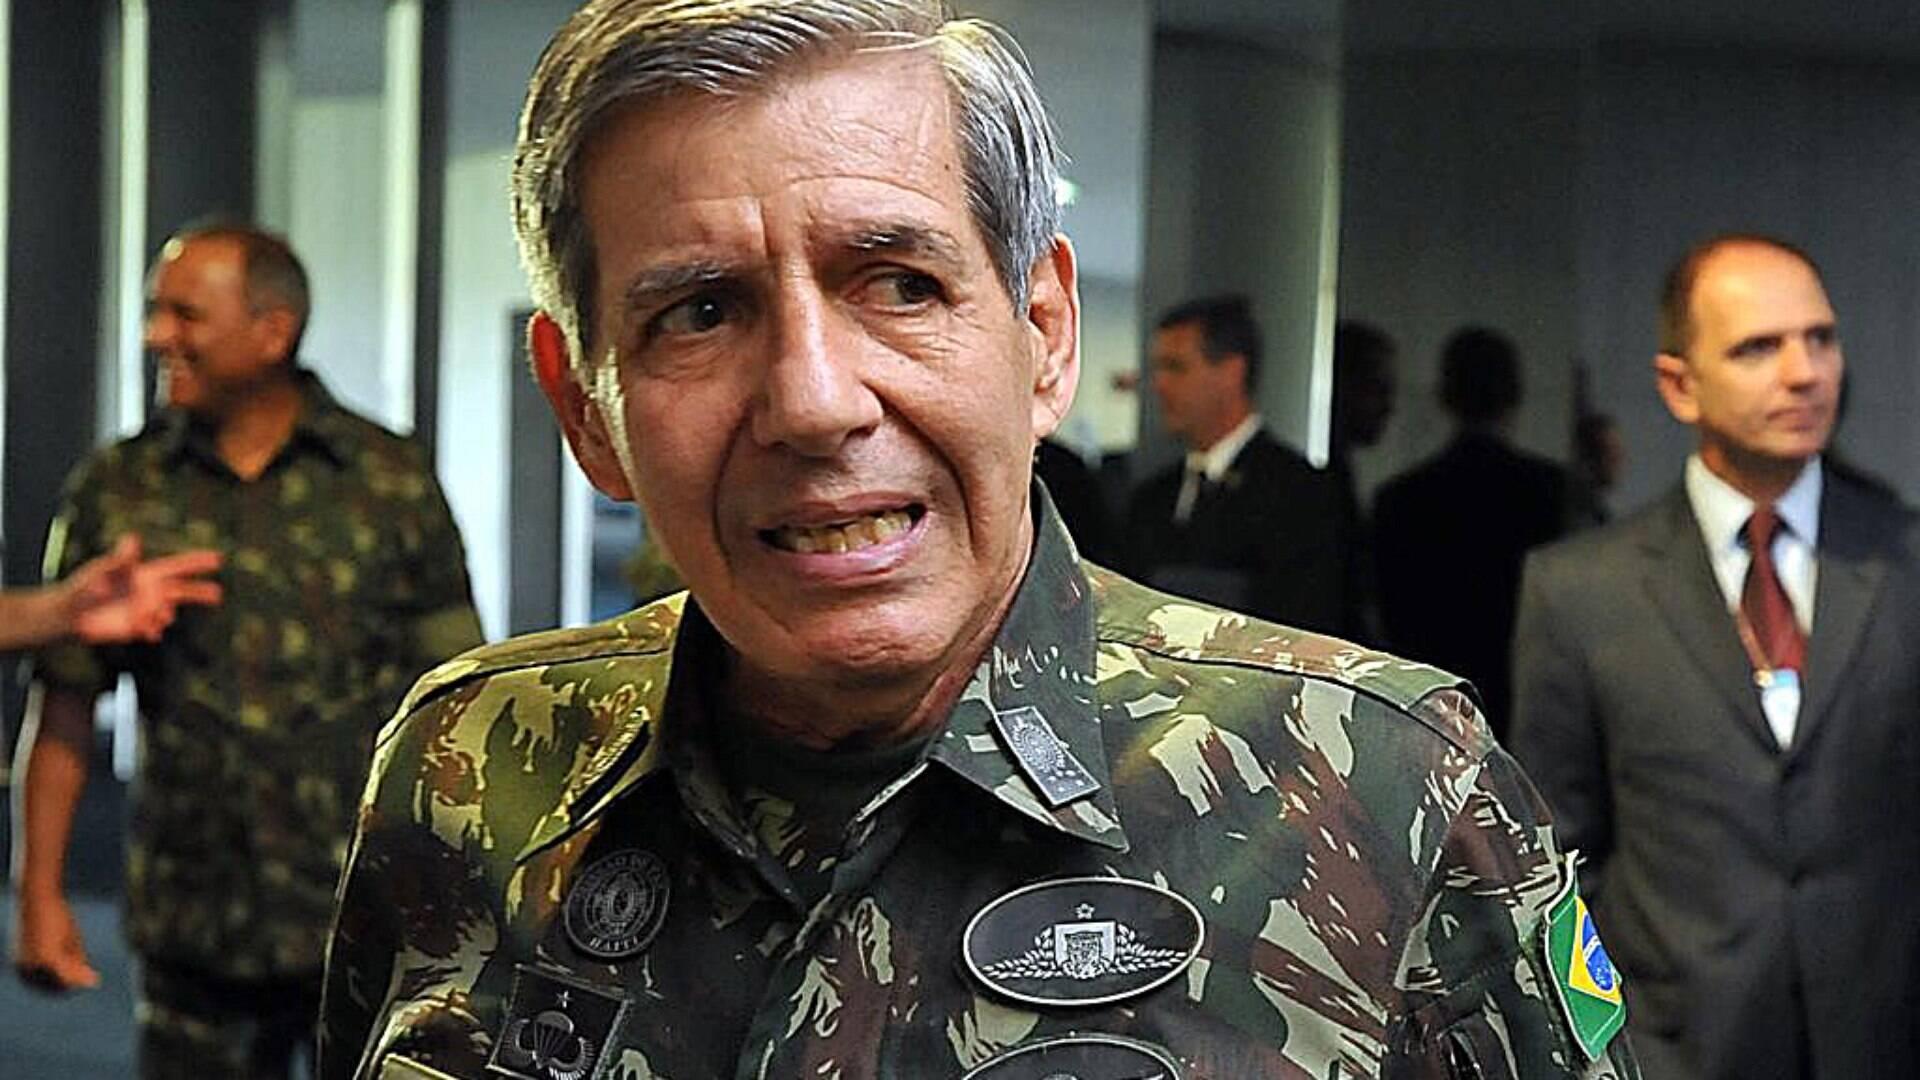 Oposição vê ameaça à democracia em nota do general Heleno ...